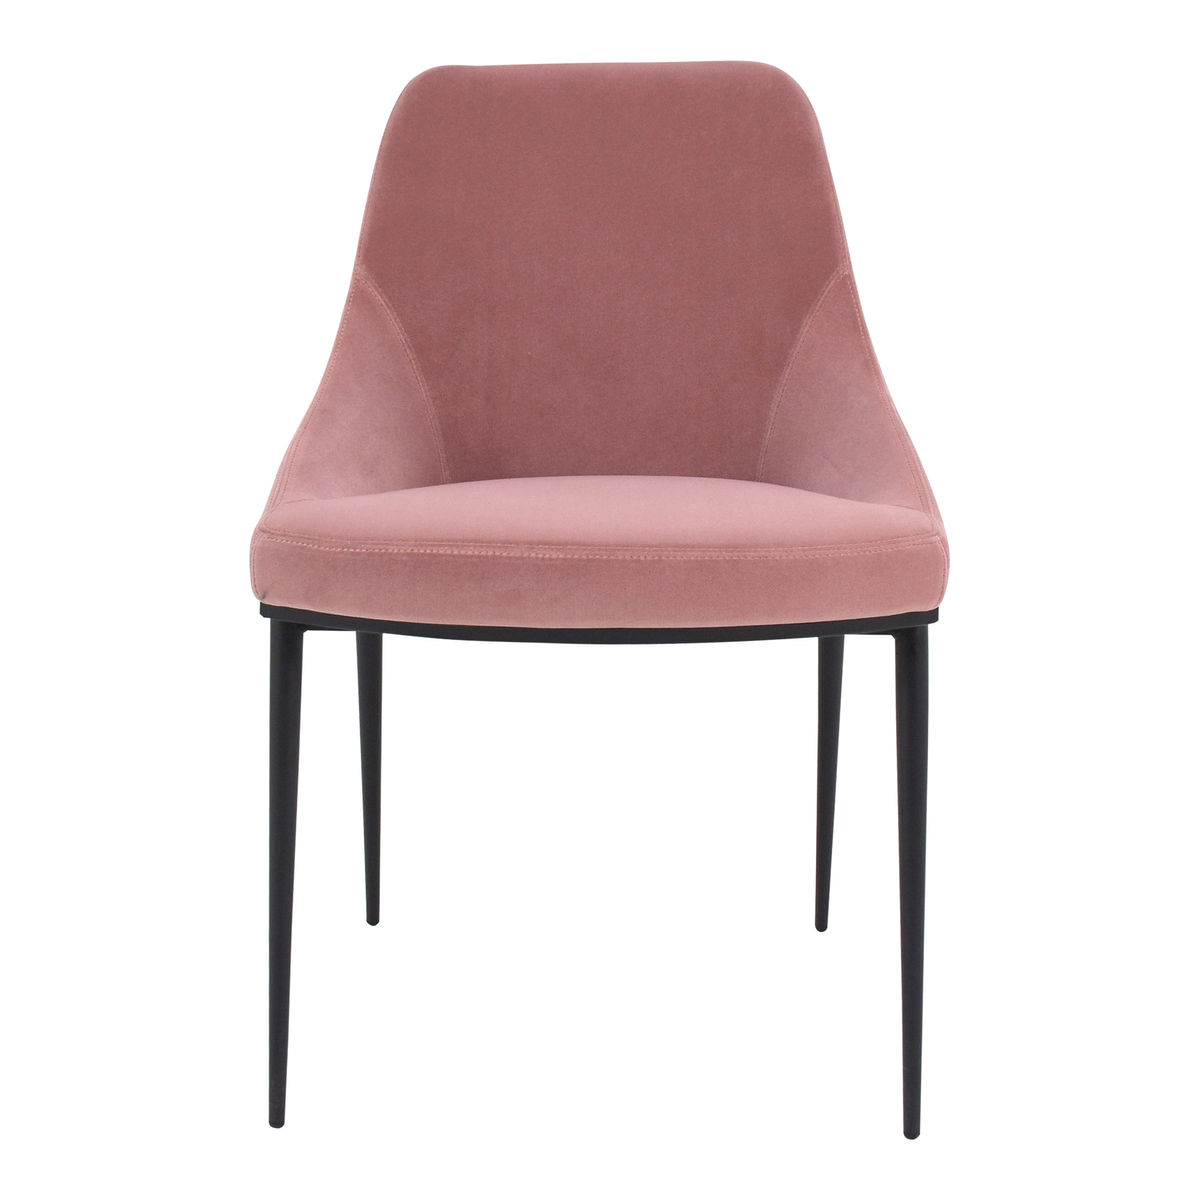 Sedona Dining Chair Pink Velvet-M2